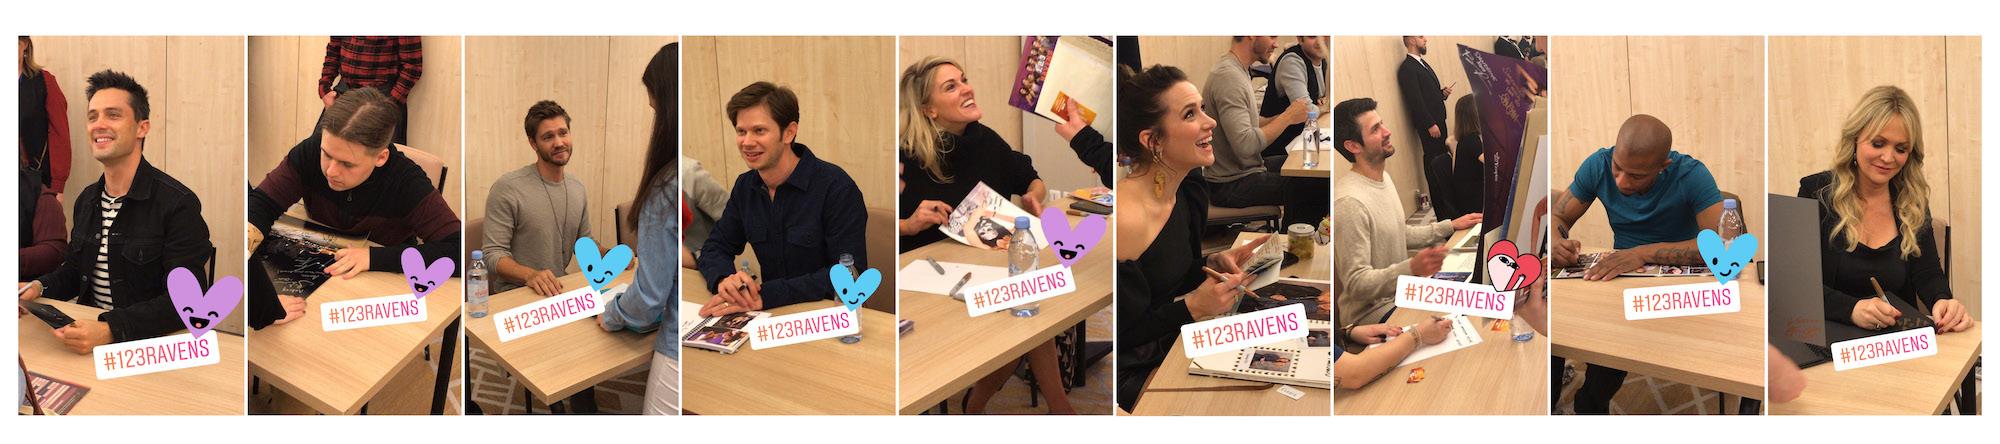 Convention OTH - 1, 2, 3, Ravens autographe